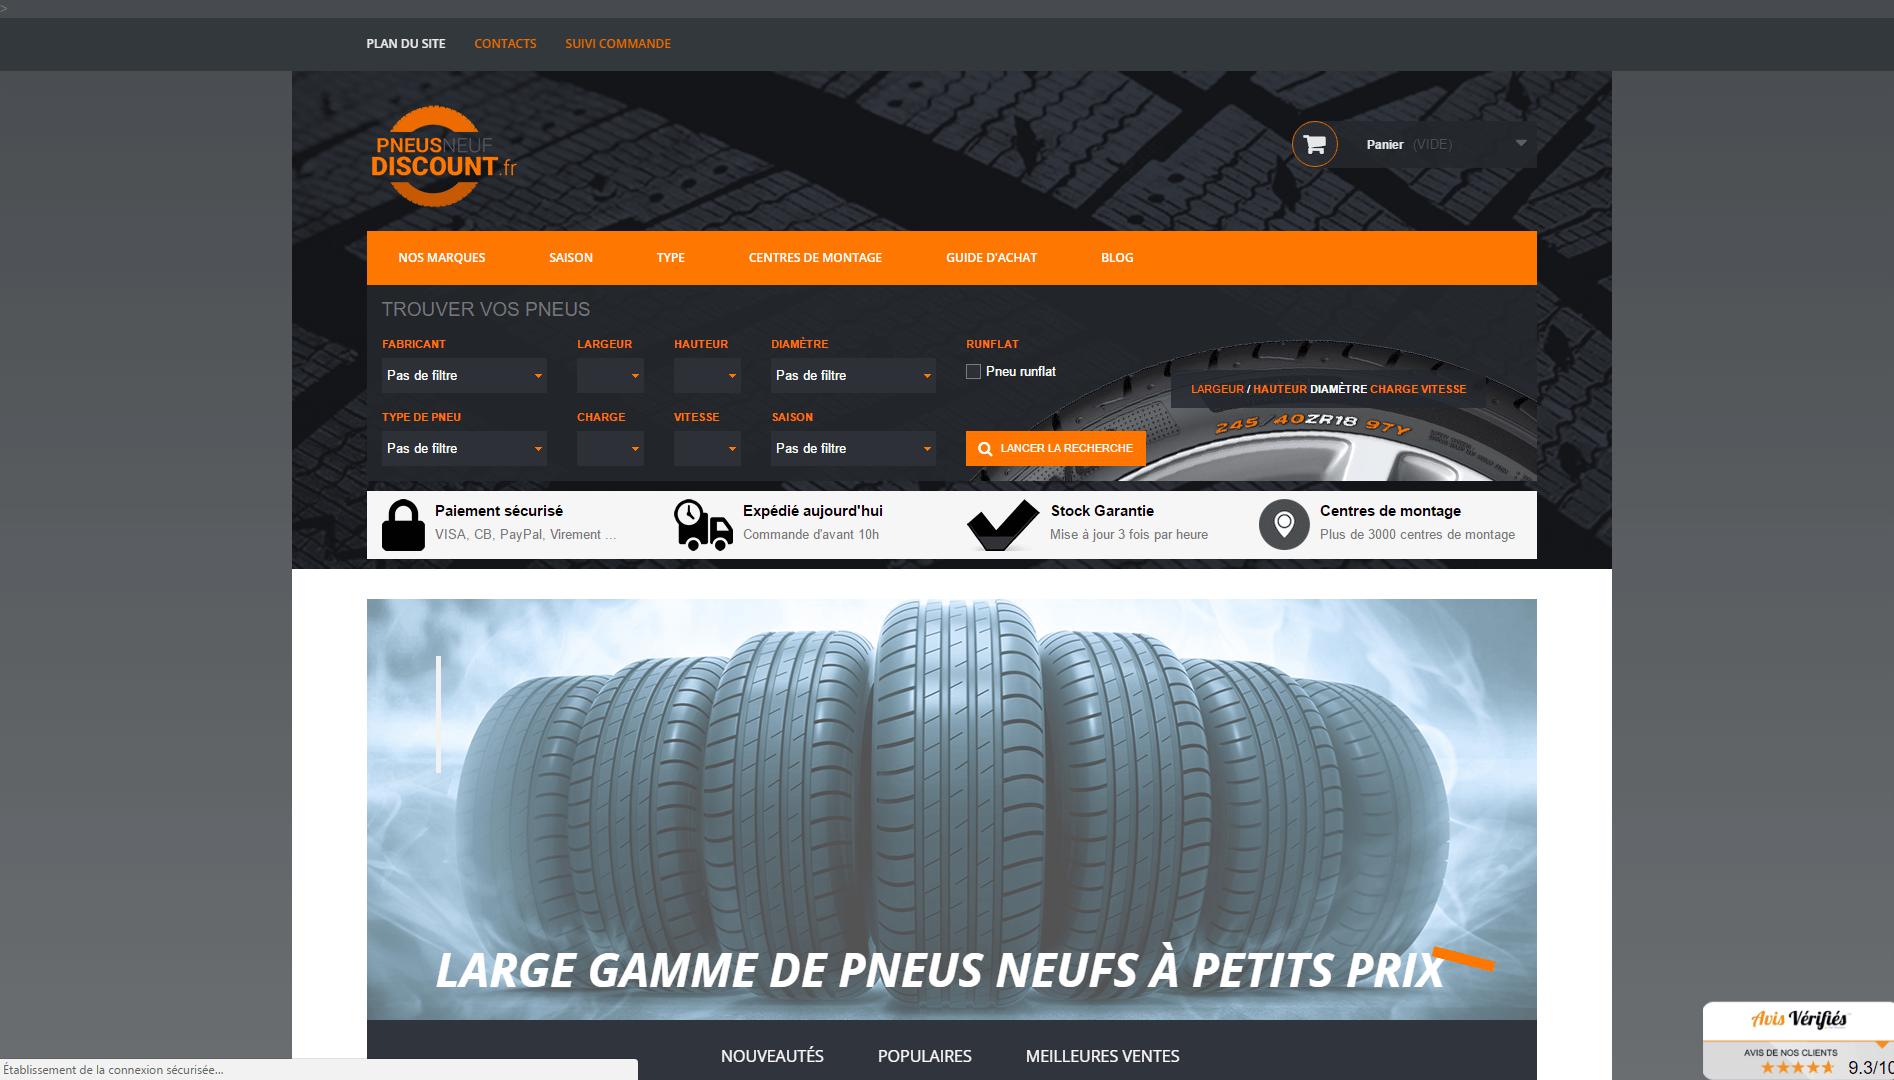 Page d'accueil du site Pneusneufdiscount.